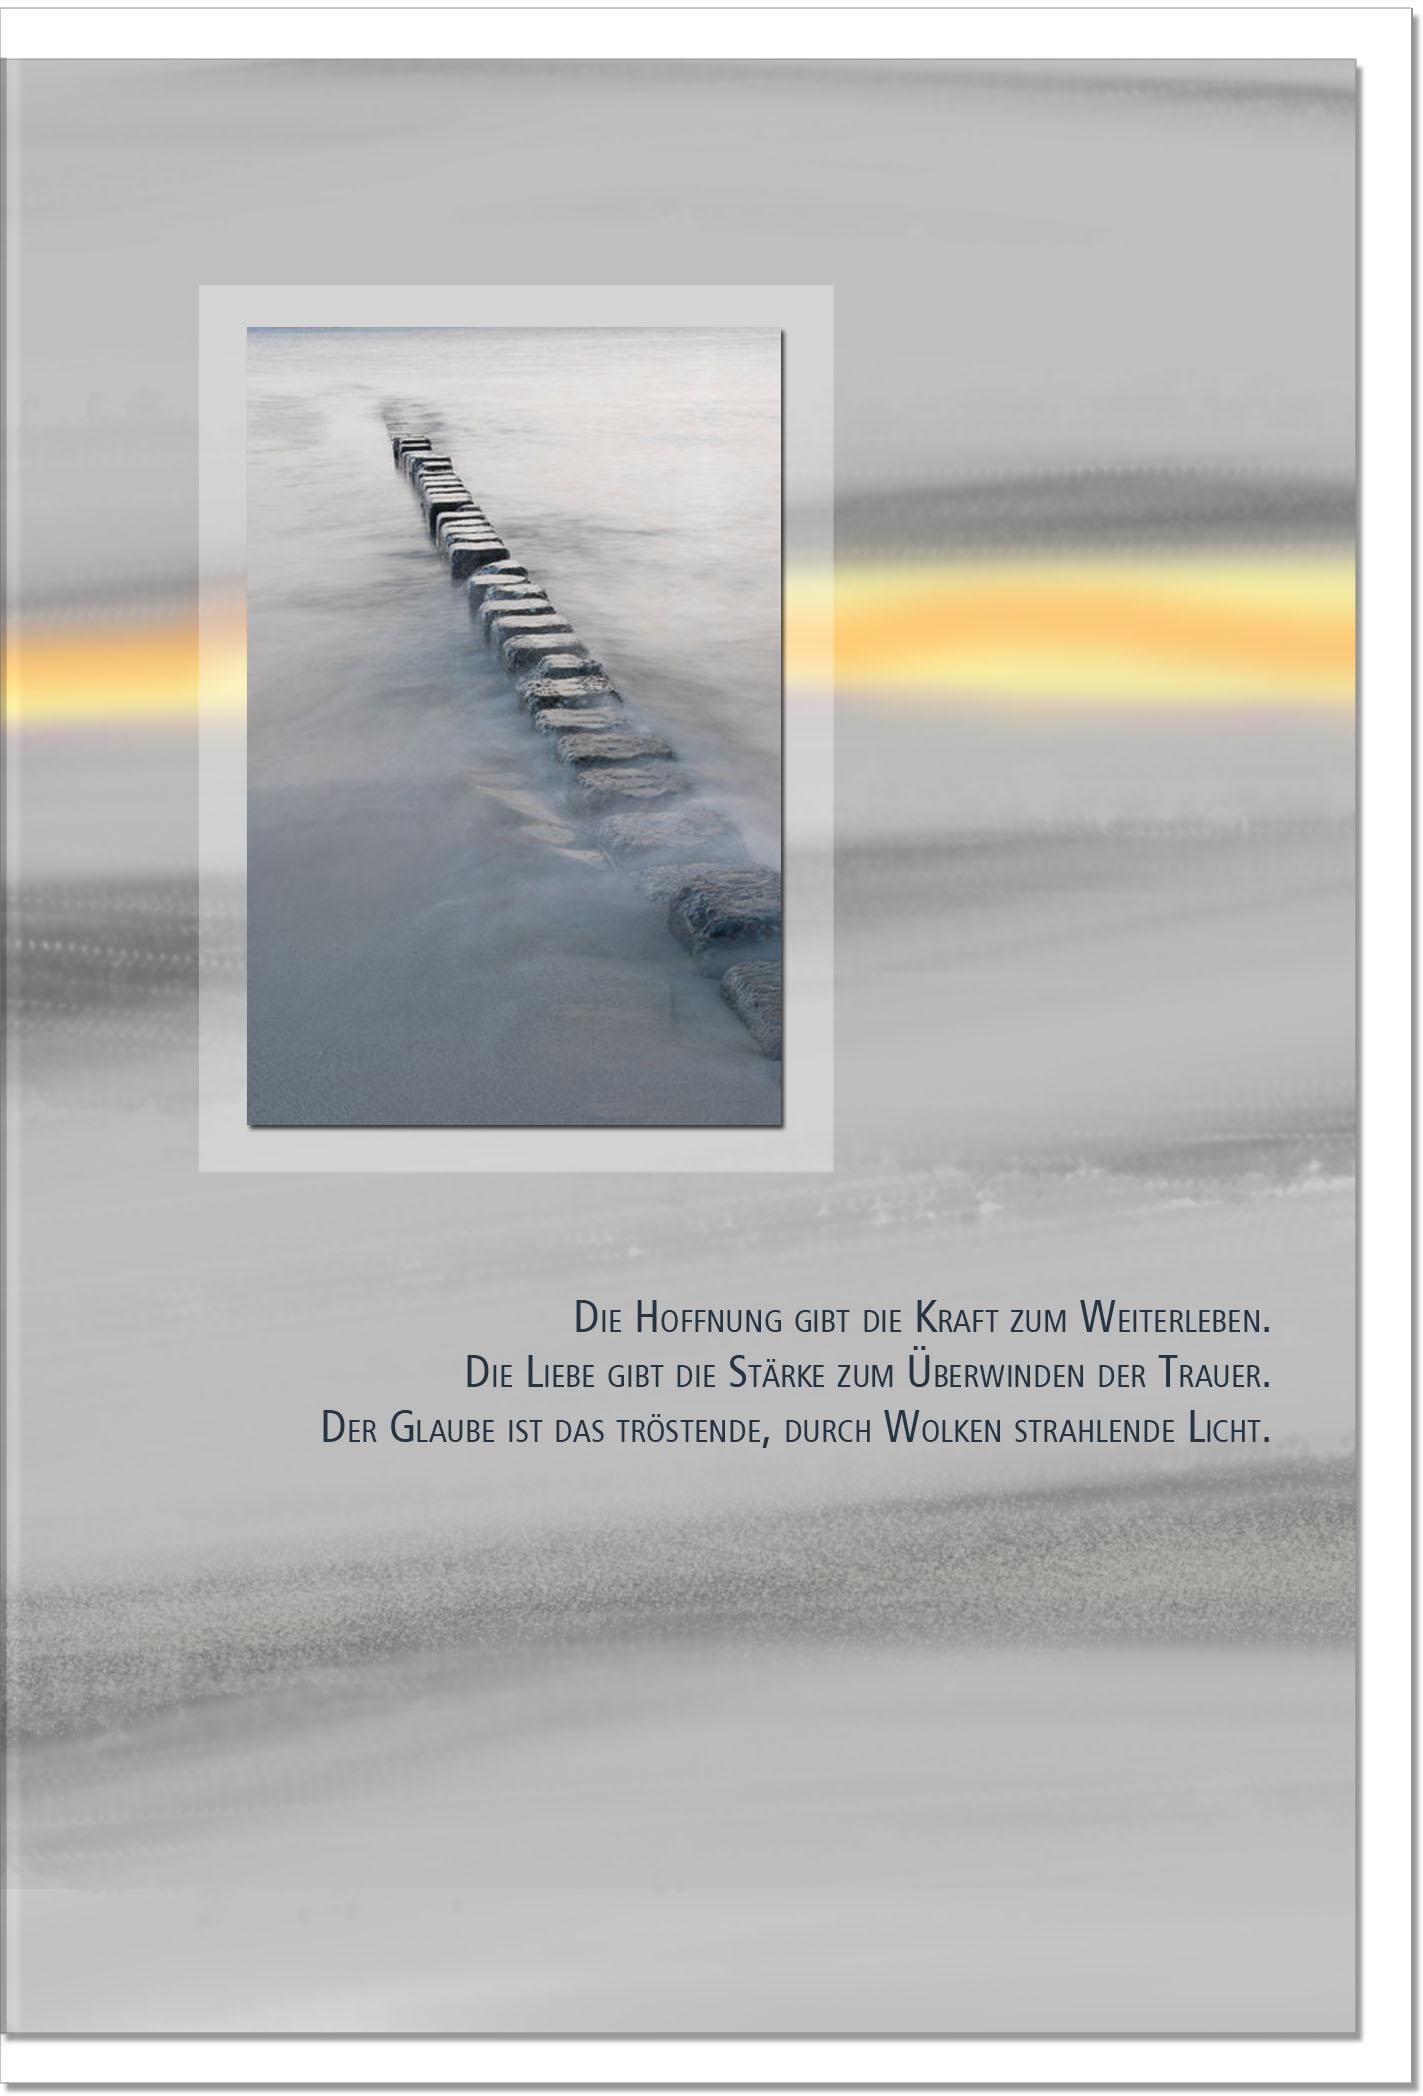 Trauerkarte TROST IM GLAUBEN | Meeresstrand | metALUm #00091